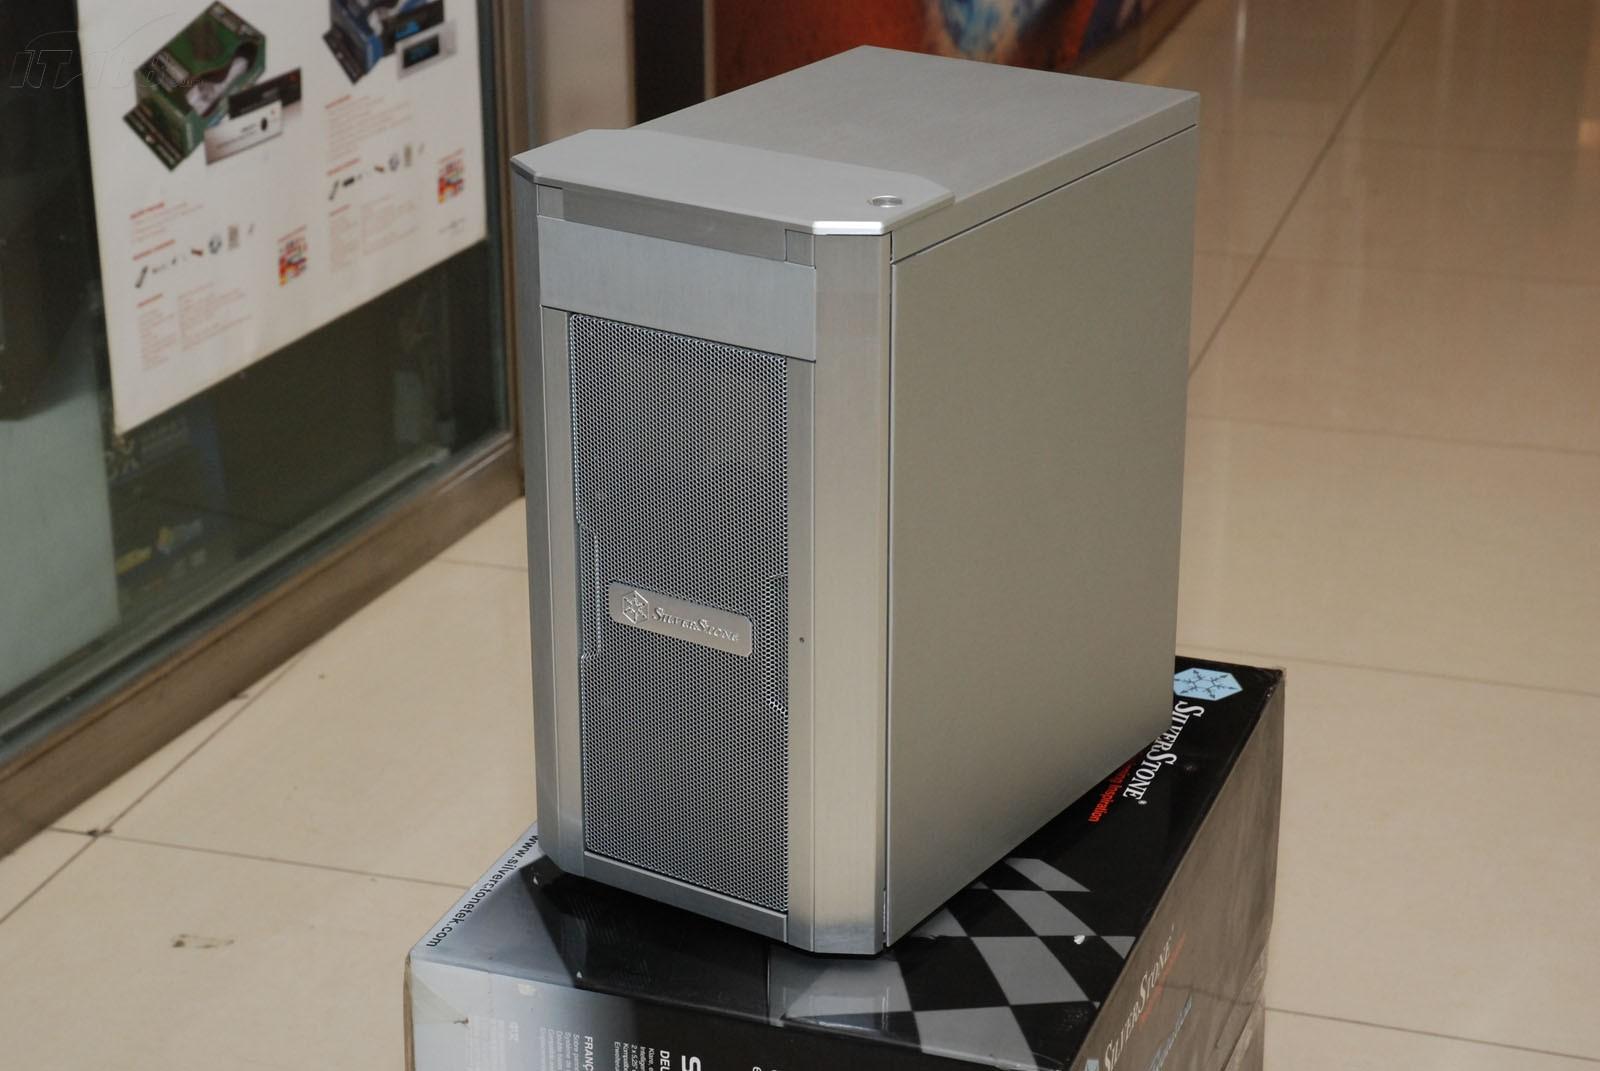 银欣sg03(b/s)机箱产品图片2素材-it168机箱图片大全